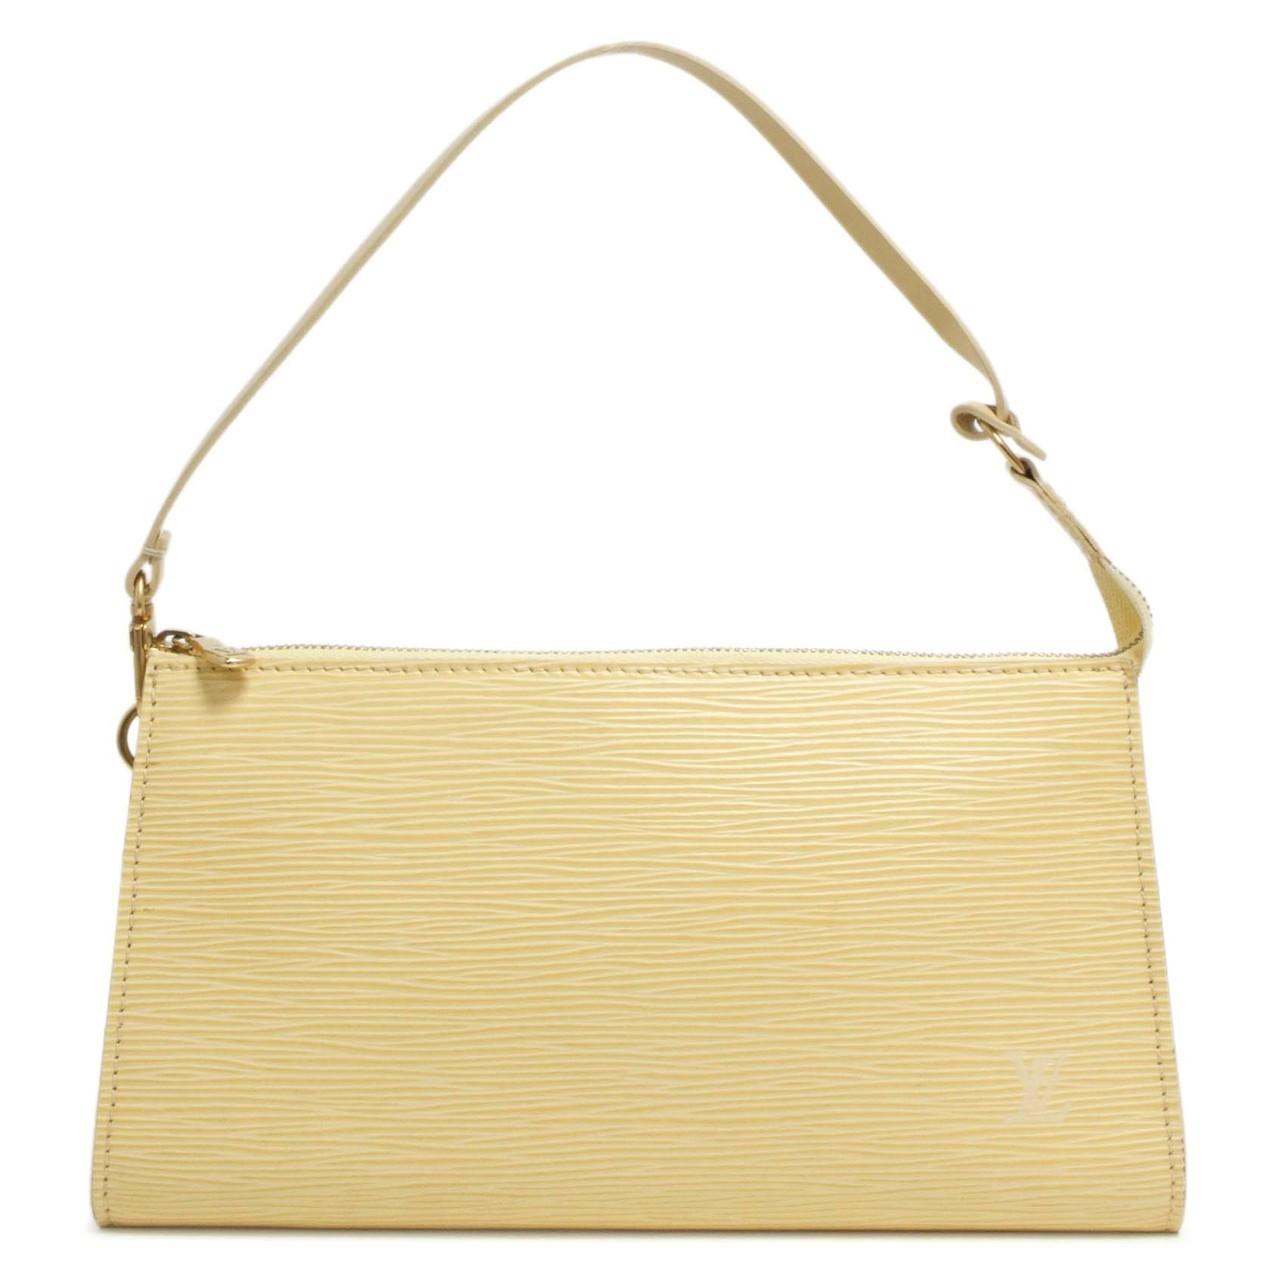 Louis Vuitton Jaune Pale Epi Pochette Accessoires 24 - modaselle 514ada7cb2126